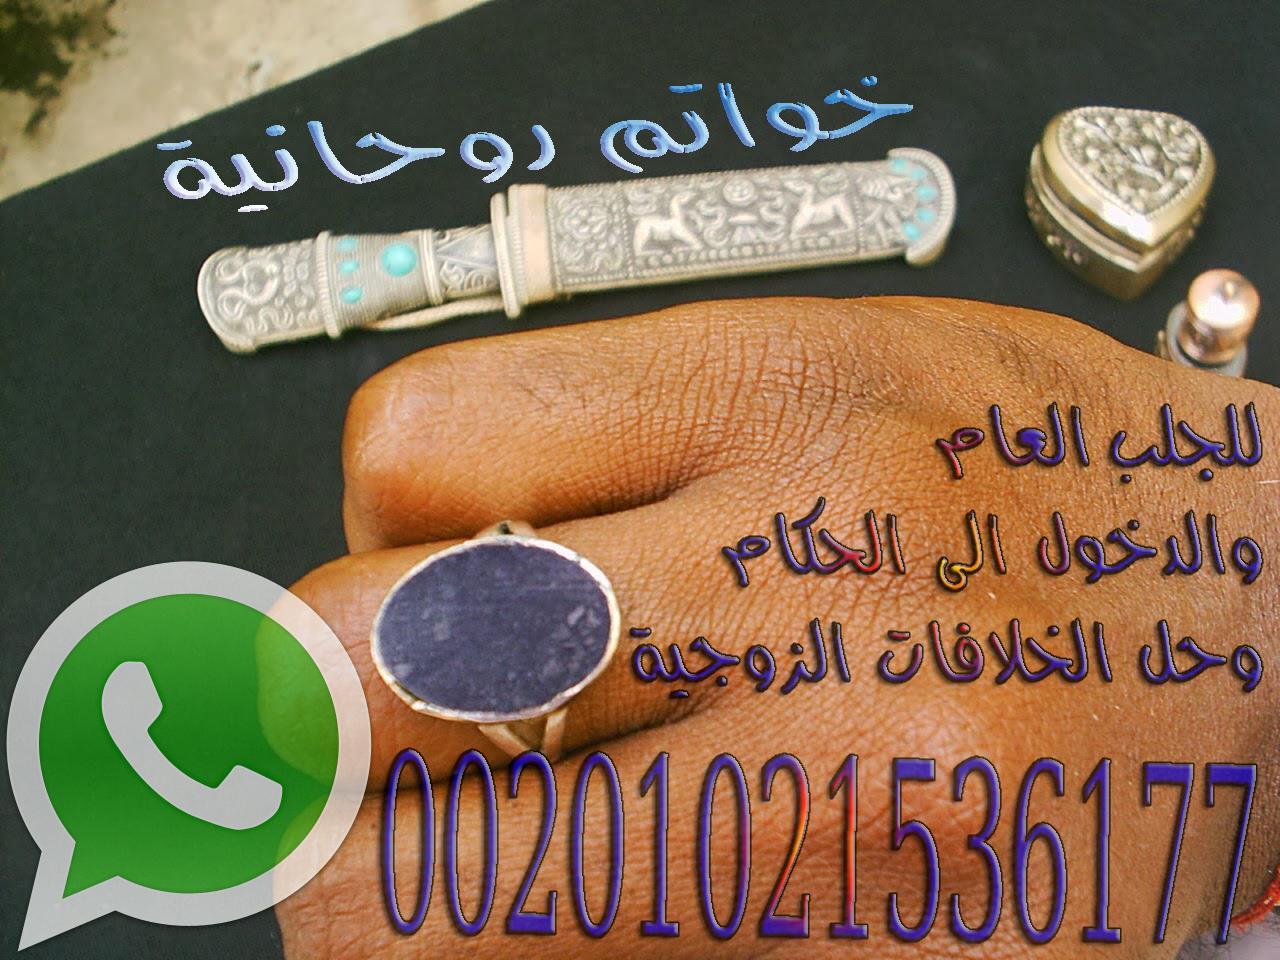 ساعة00201021536177 123541517.jpg